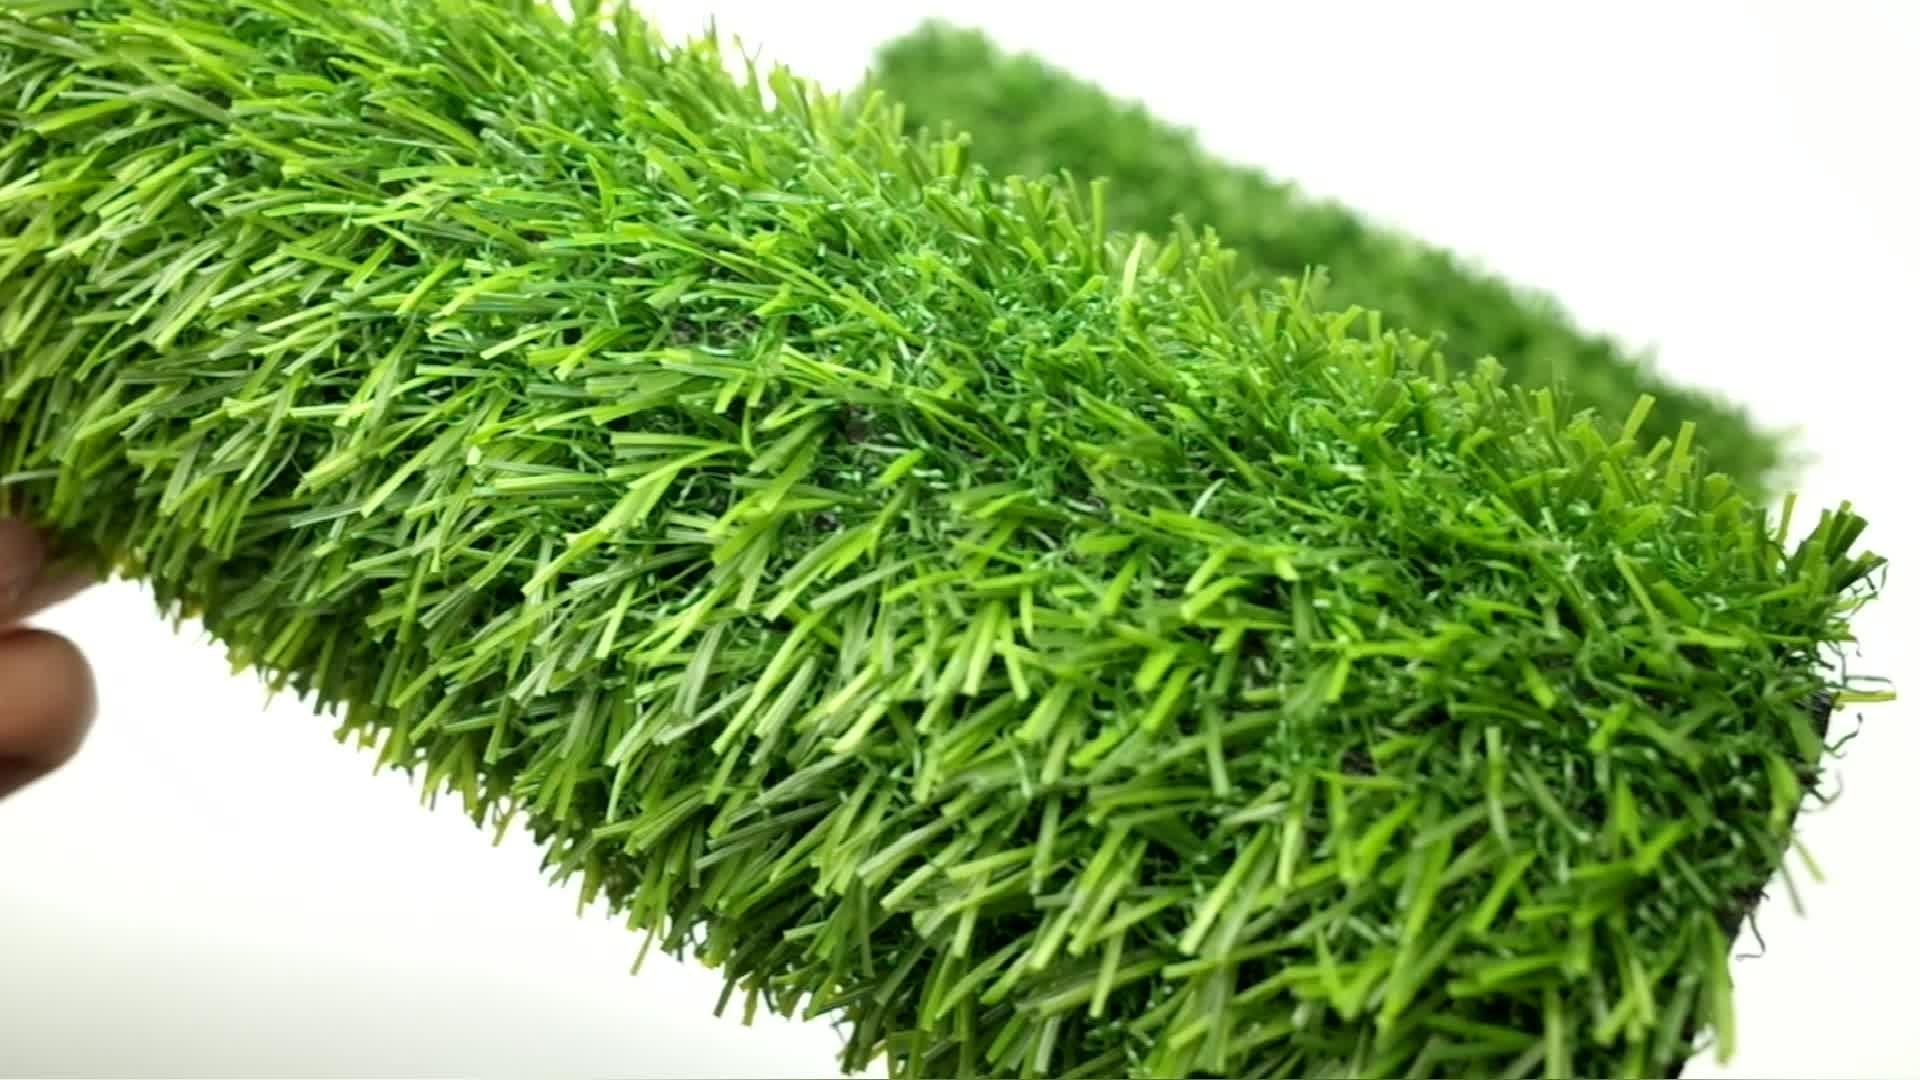 דשא סינטטי Cesped מלאכותי דשא